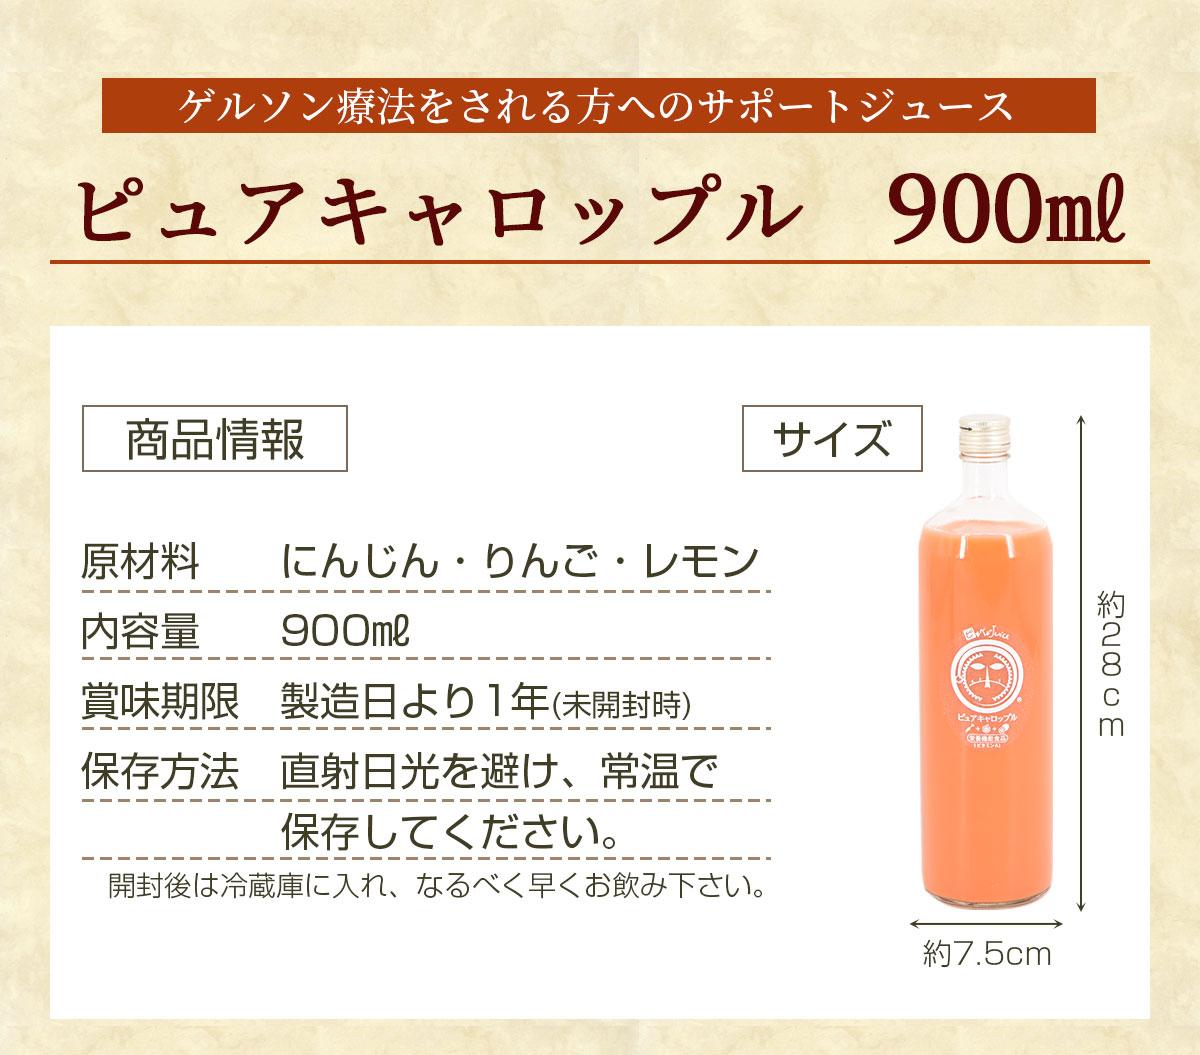 ピュアキャロップル 900ml